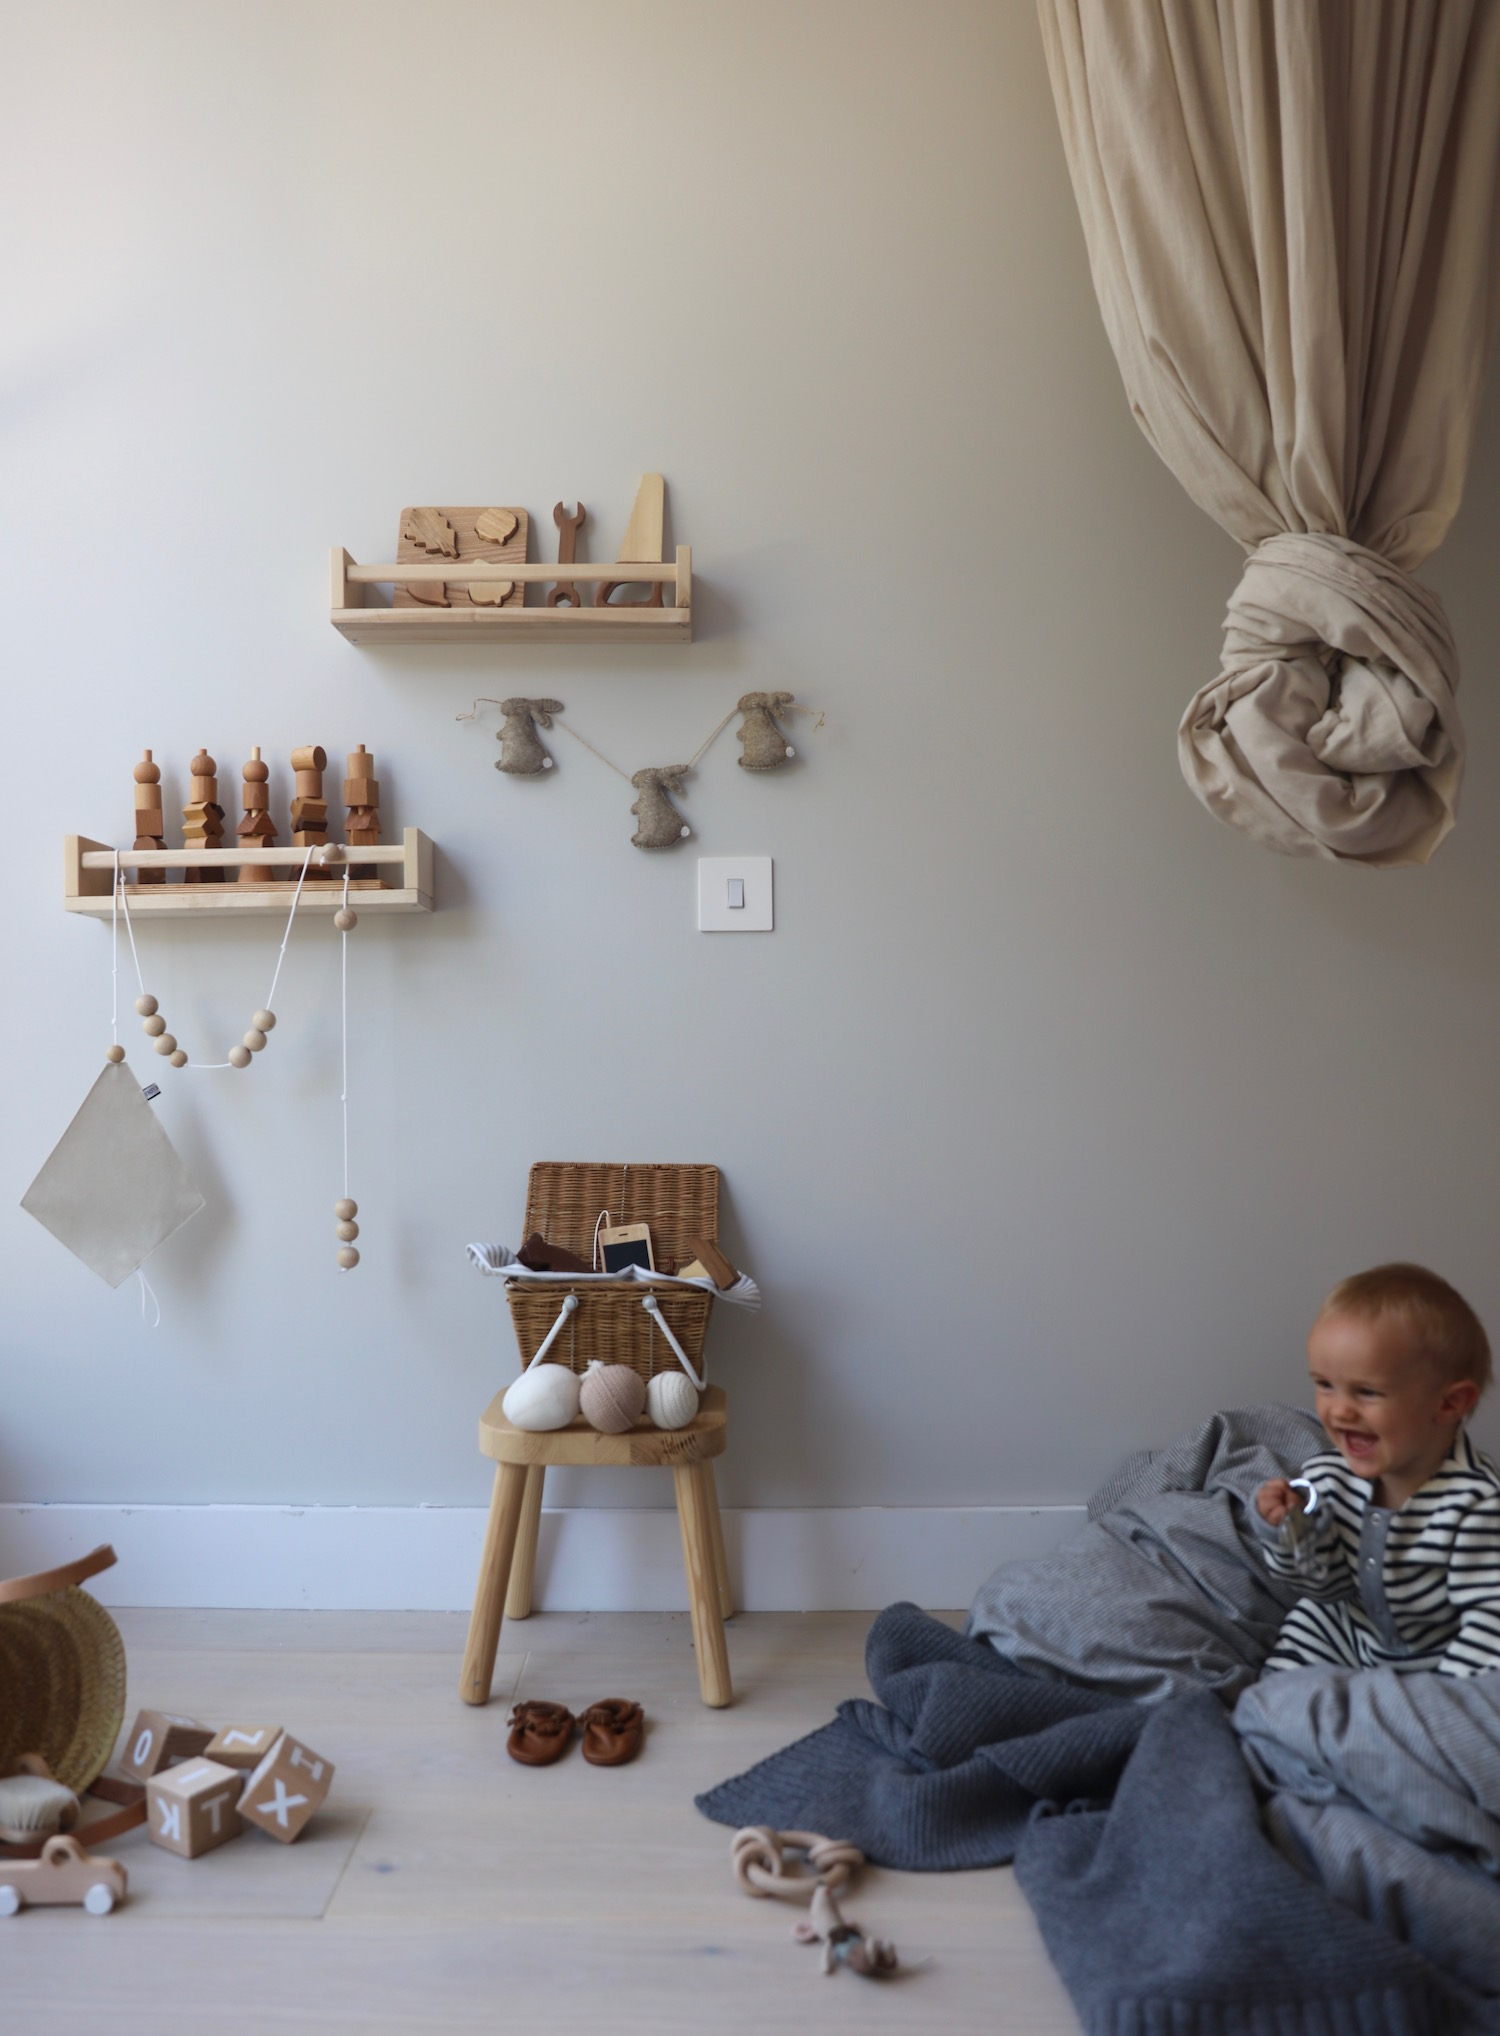 Velveteenbabies_bunny-Garland_kids_room